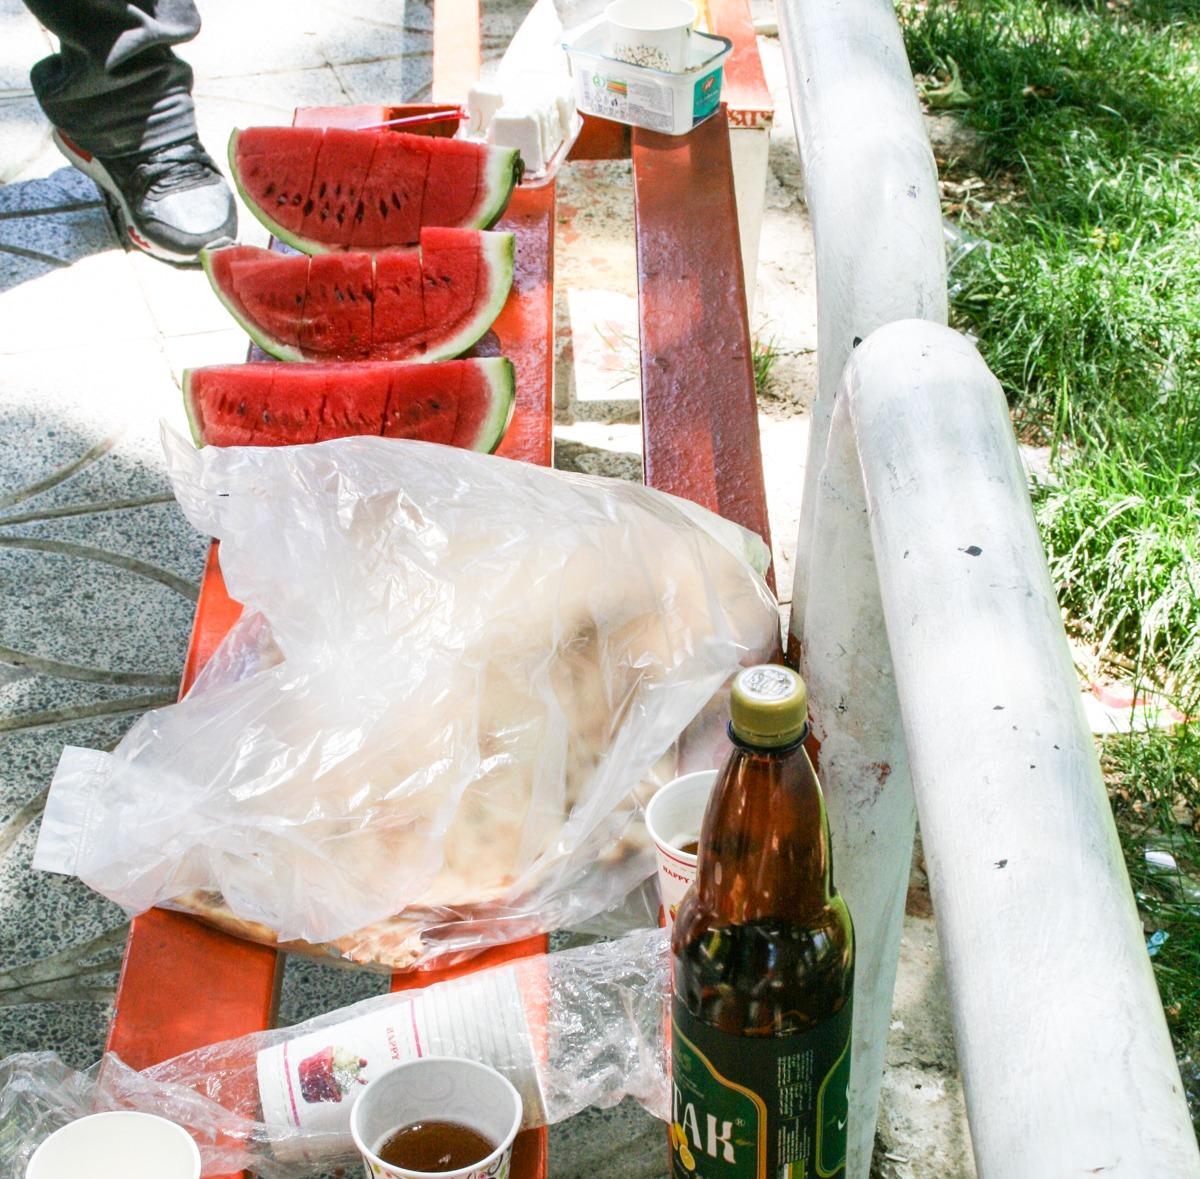 Iran leckeres Picknick mit Wassermelone